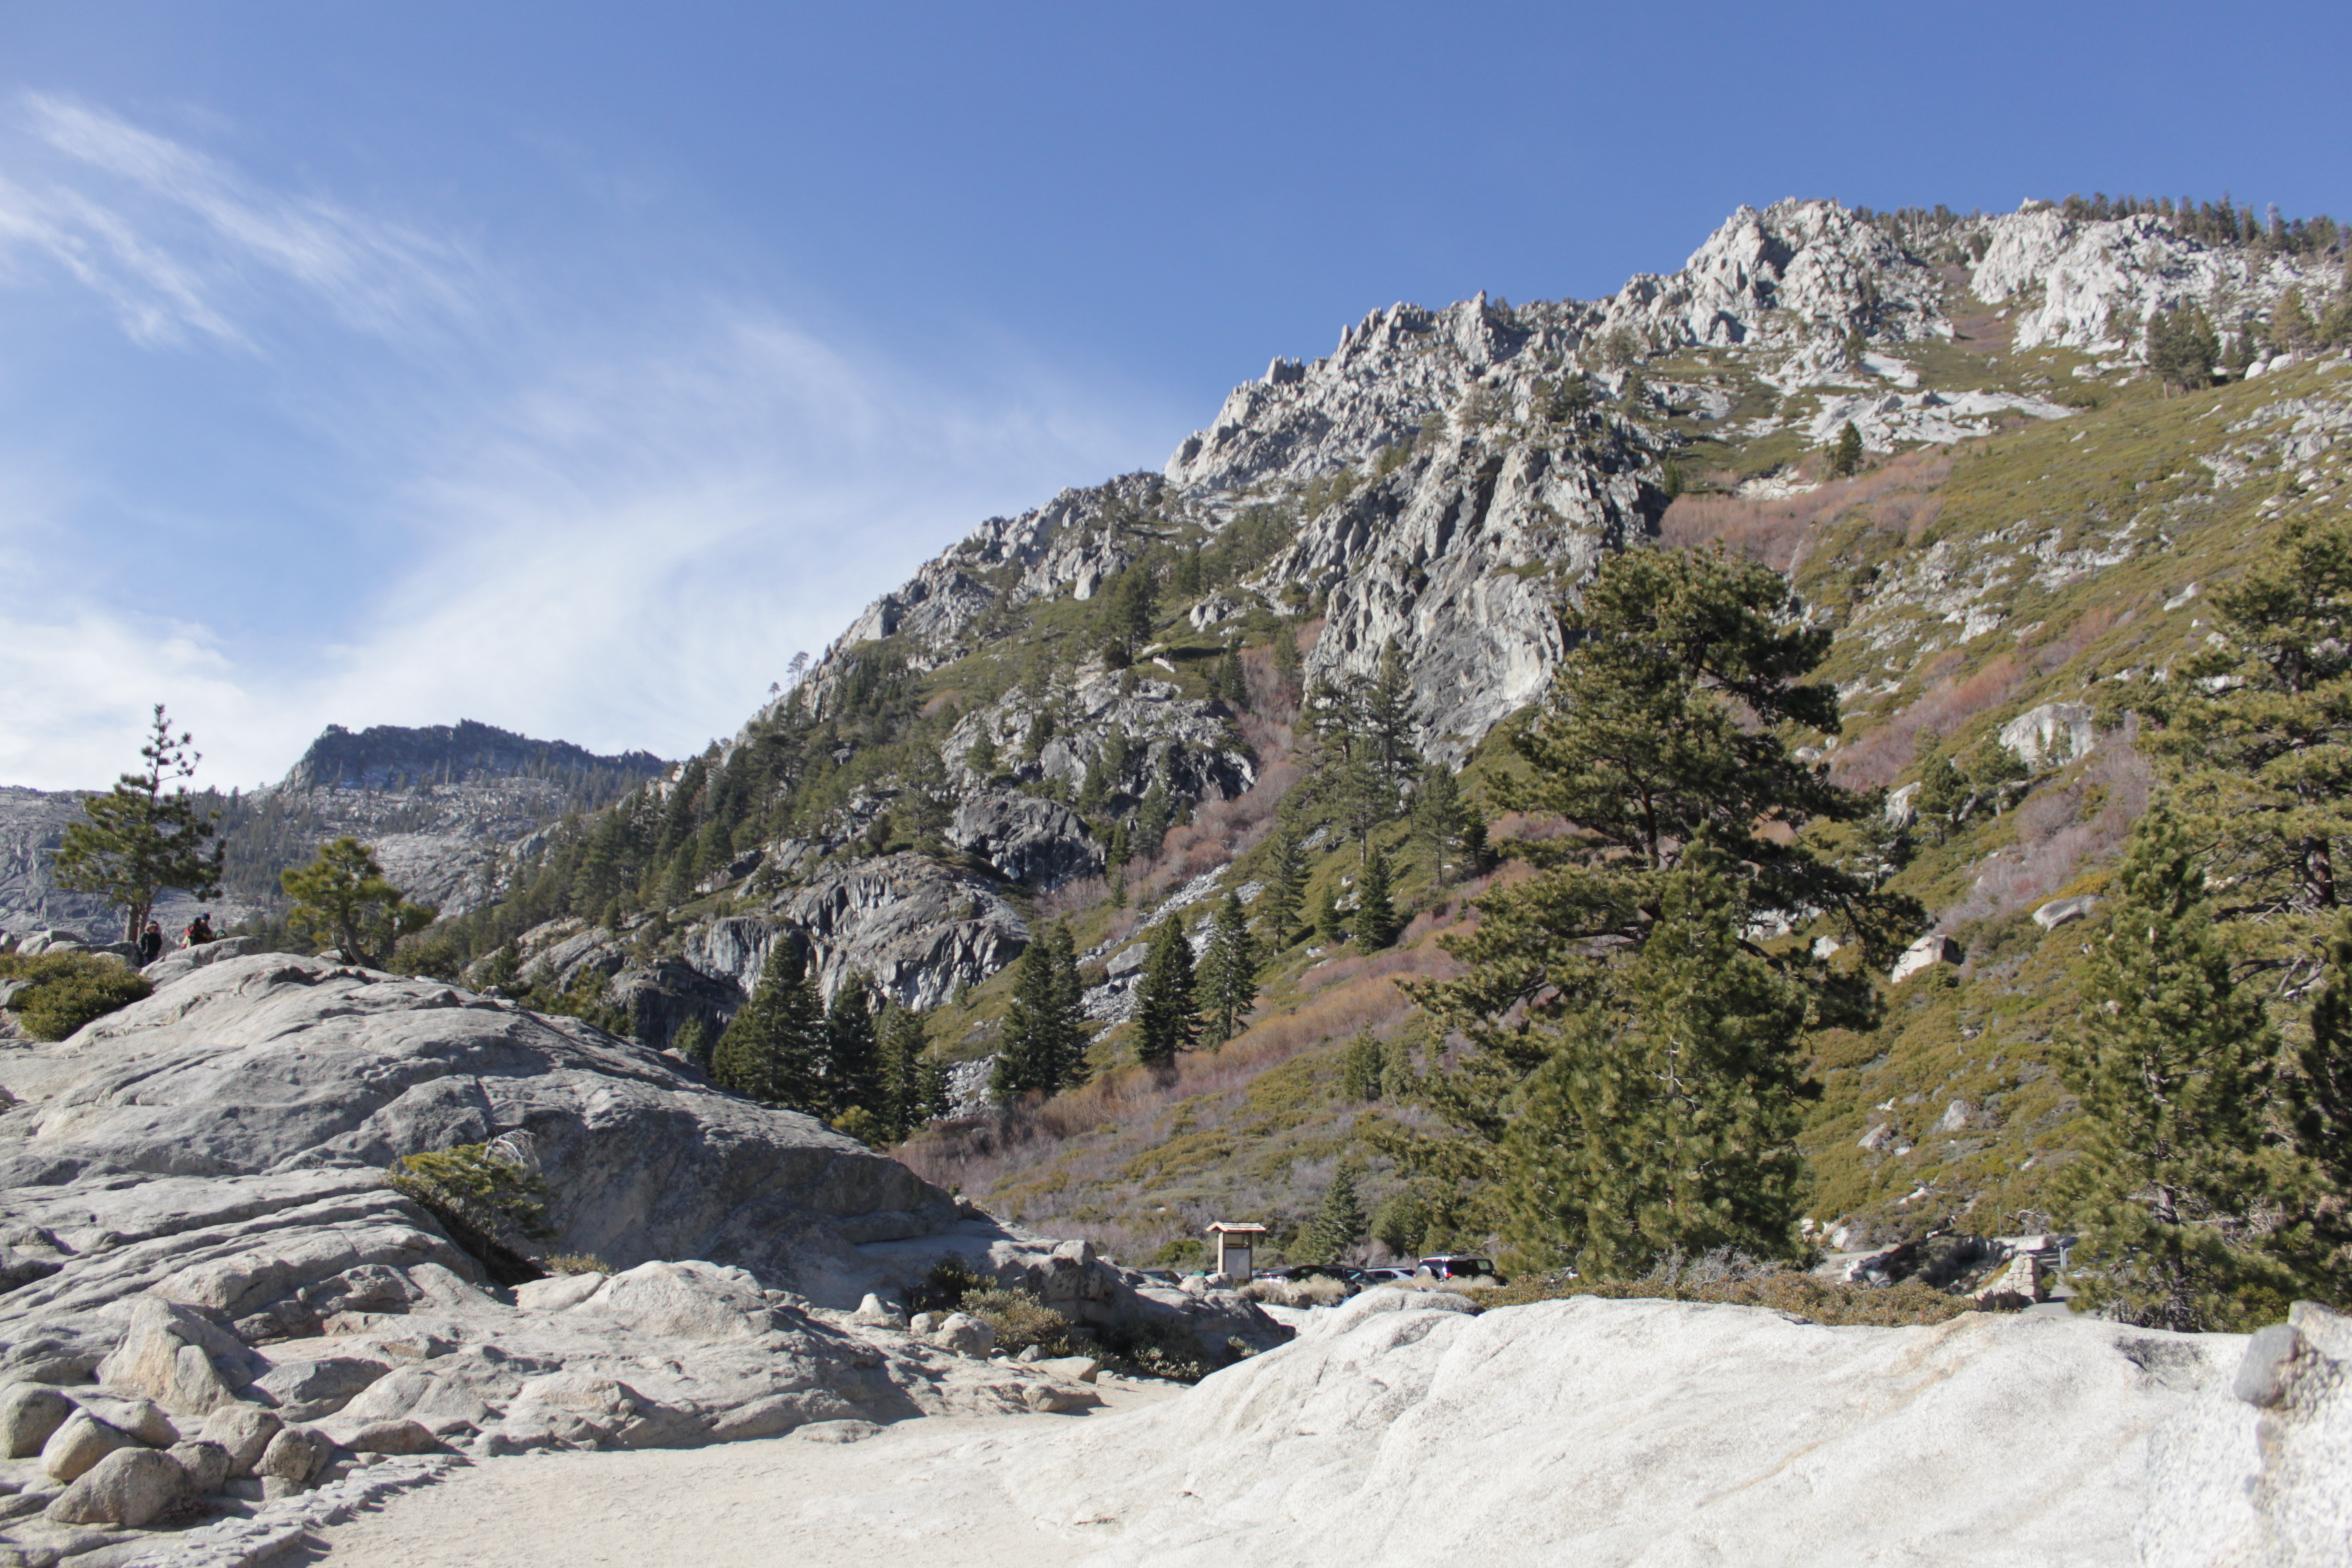 Lake Tahoe in winter, California